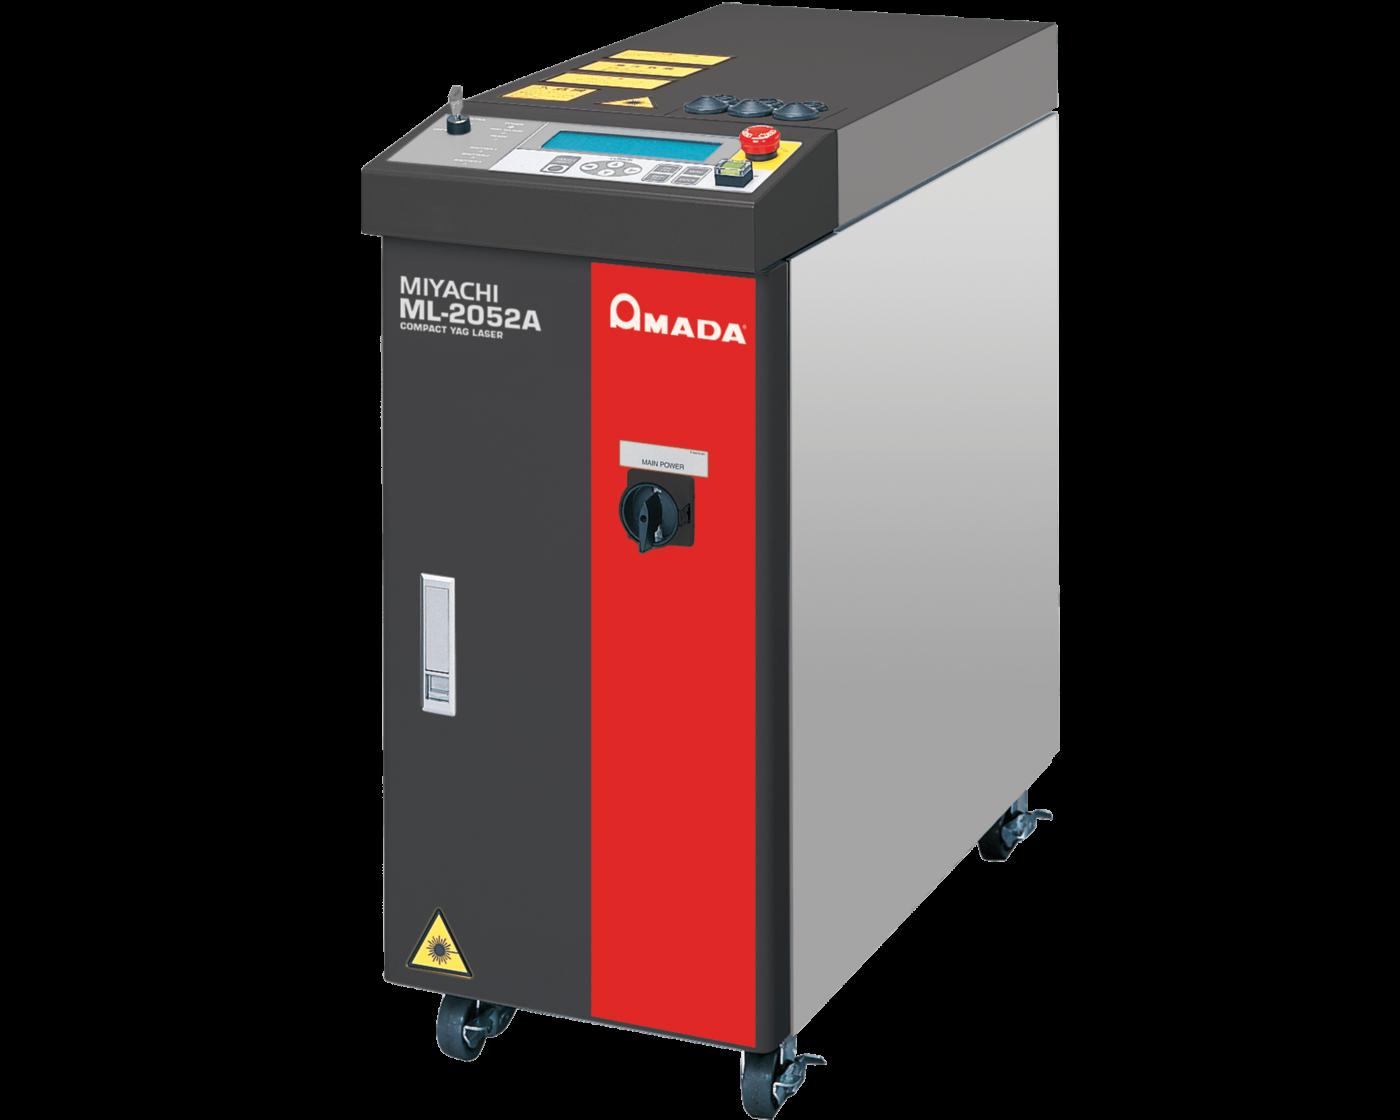 ML-2052A Nd:YAG Laser Welder - 1 kW